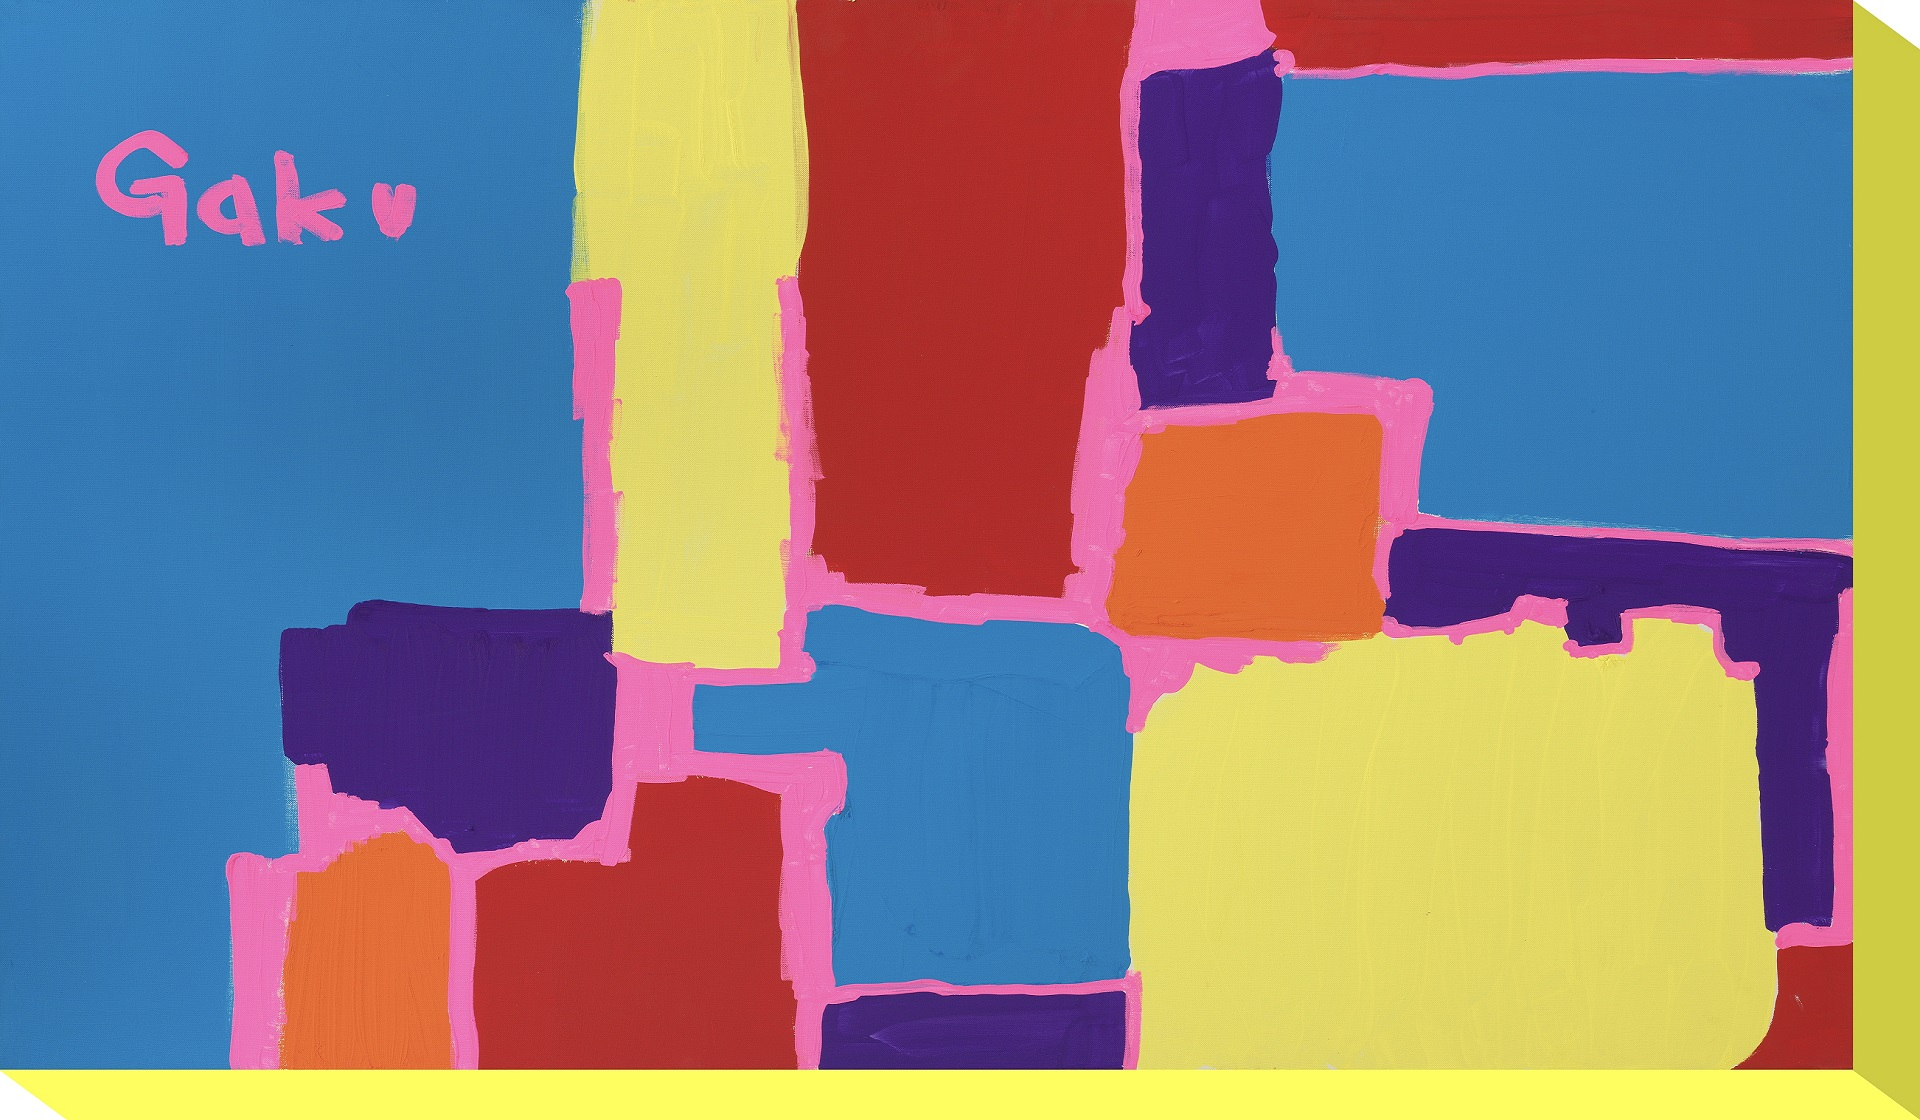 【展示】彼にとっての「絵」は自閉症と世間との「接点」である。『THE POWER OF ART byGAKU 展』7月30日(金)から東京、札幌、同時開催